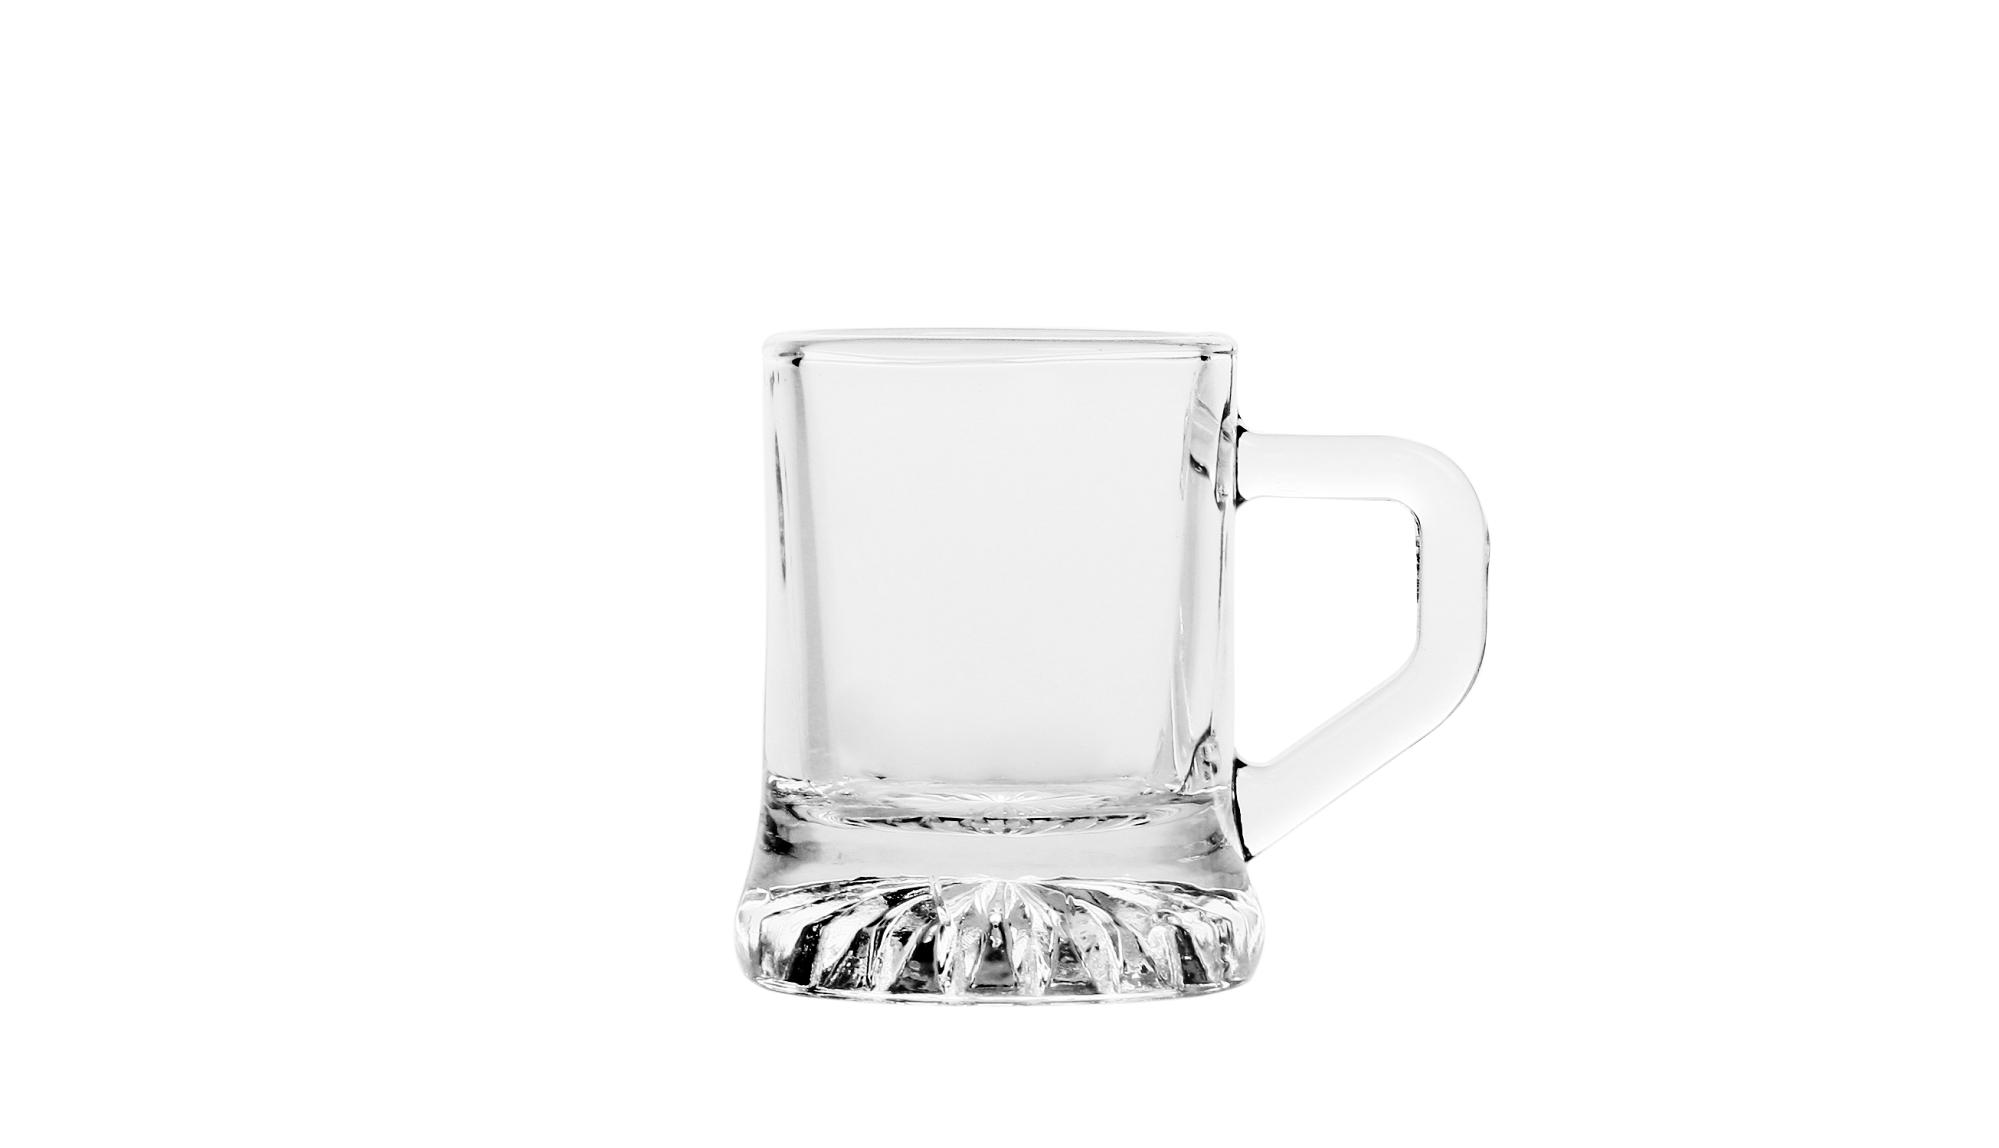 GLASMARK Sada panáků na vodku (kryglík) - 30ml